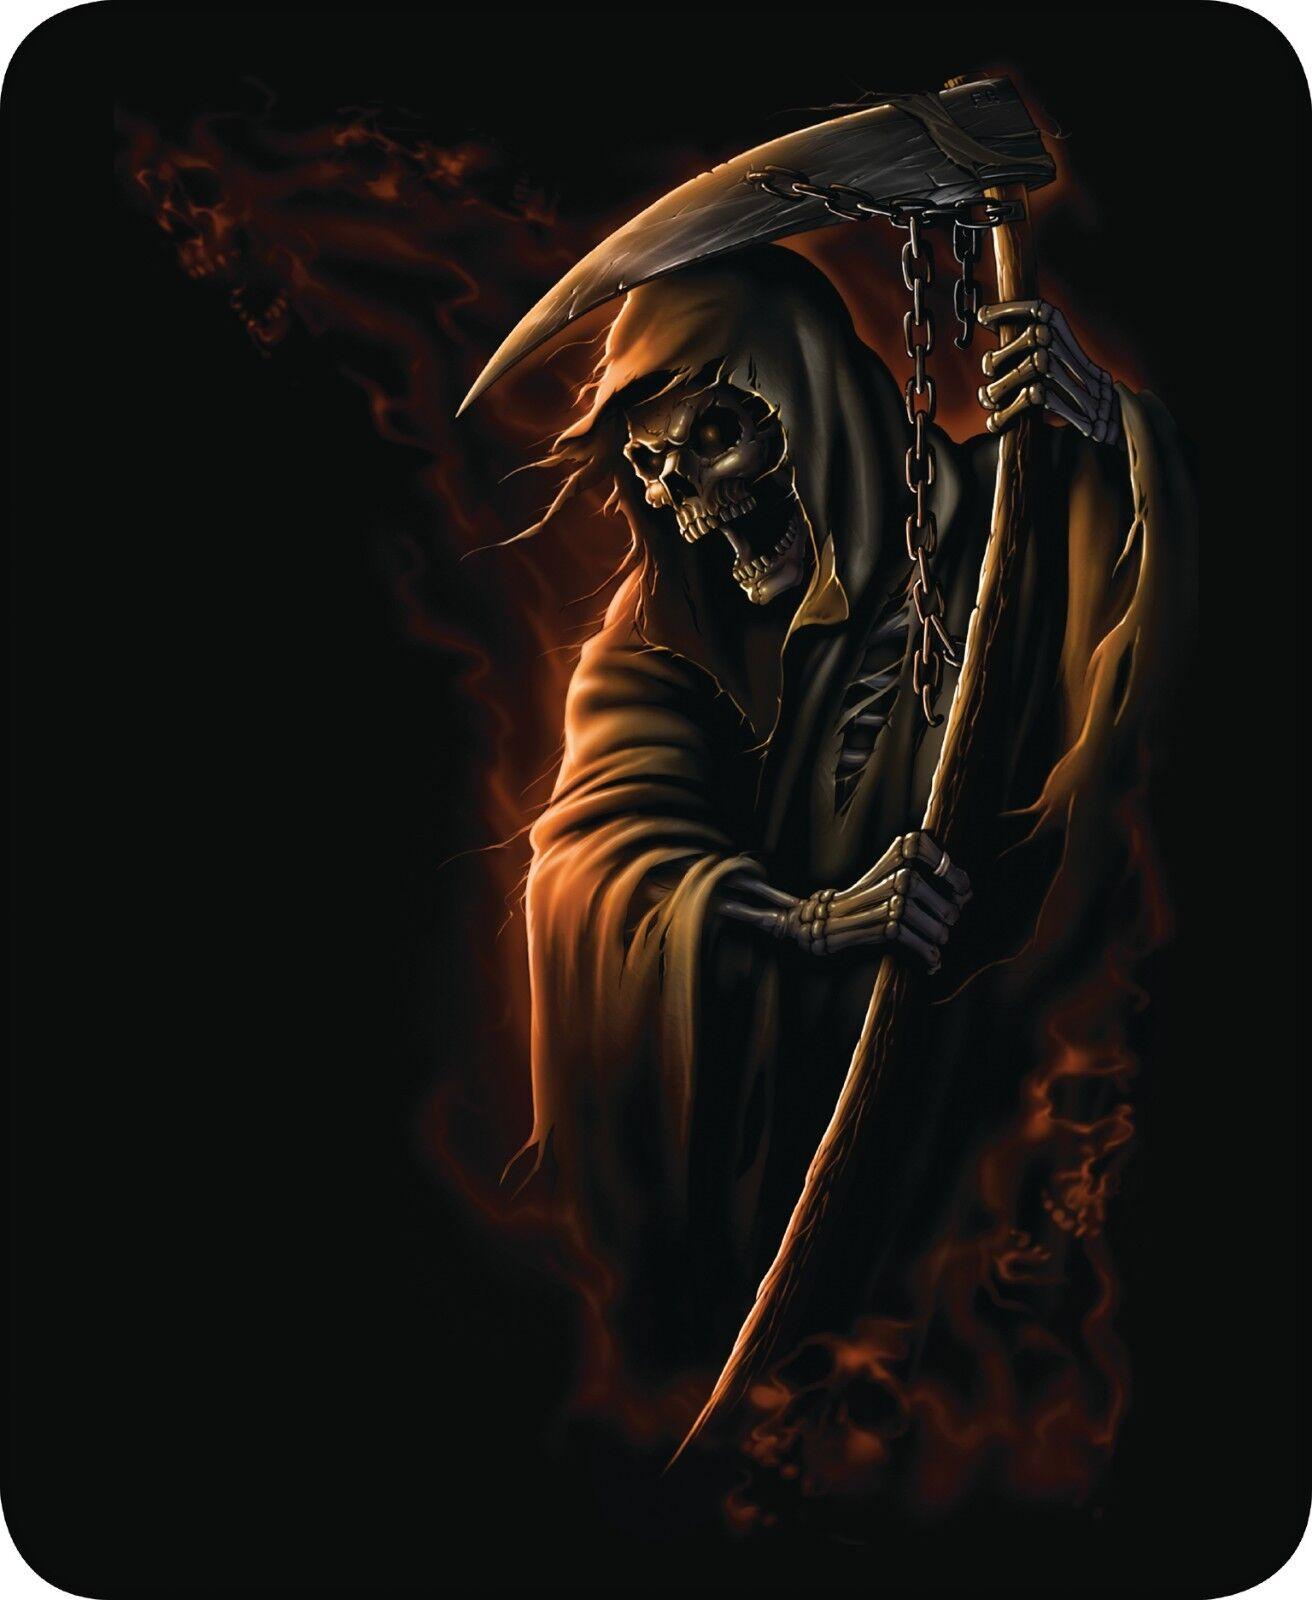 grim reaper firearms - HD1312×1600